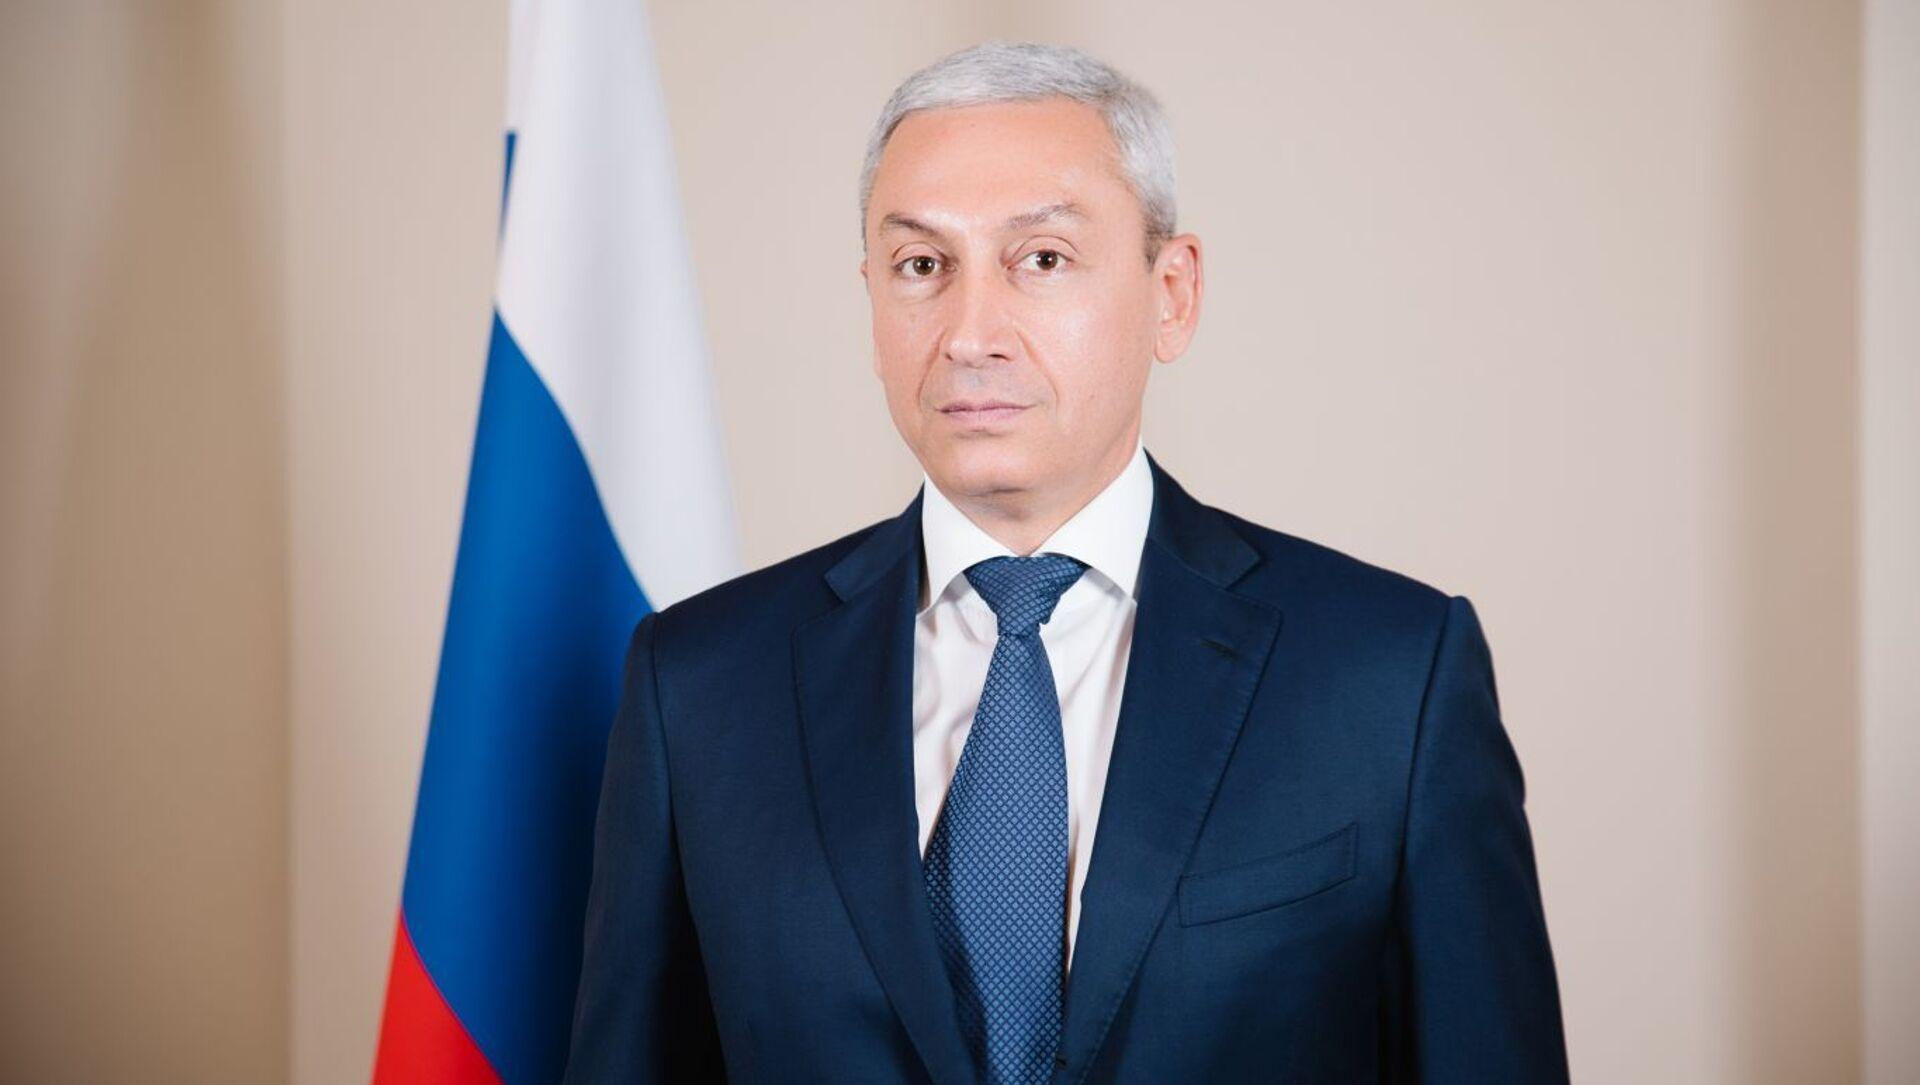 Борис Джанаев - Sputnik Южная Осетия, 1920, 08.10.2021